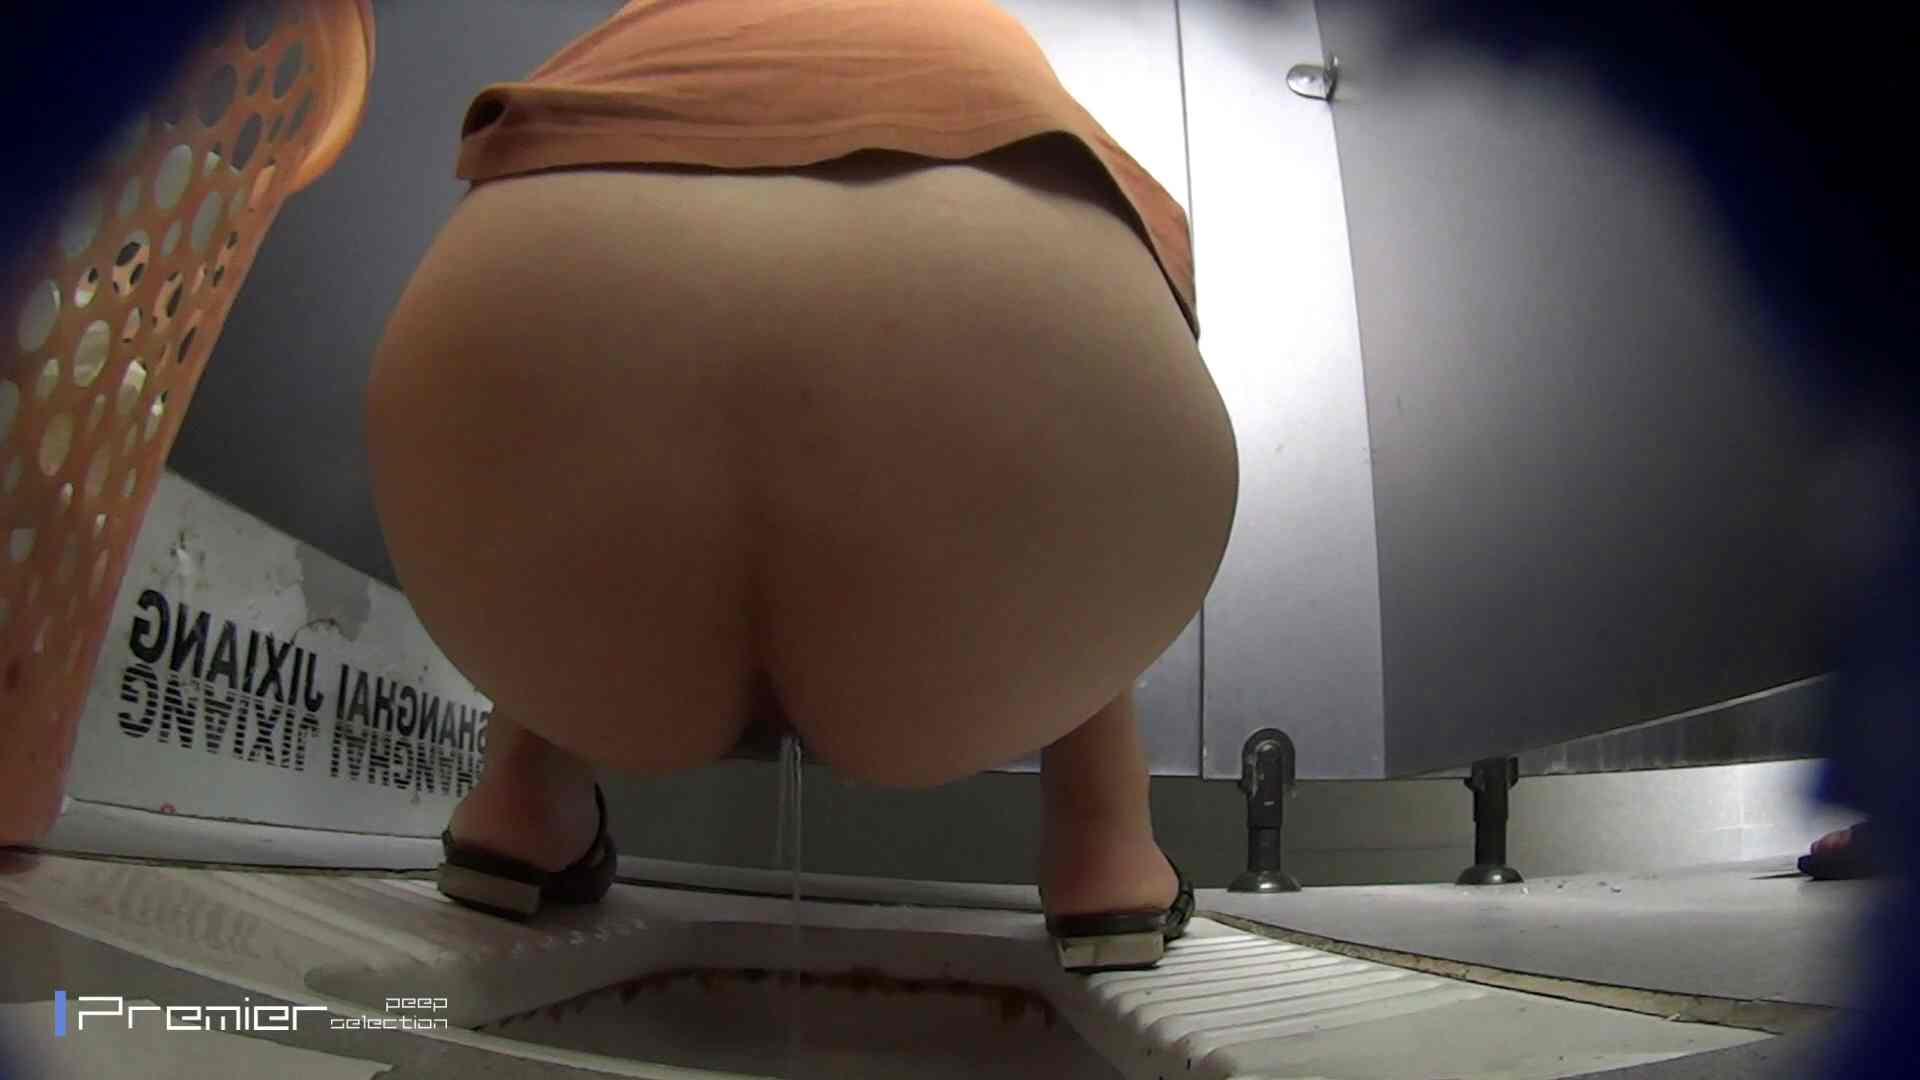 若さ溢れるギャル達のnyo  大学休憩時間の洗面所事情46 美女 おめこ無修正動画無料 83画像 43